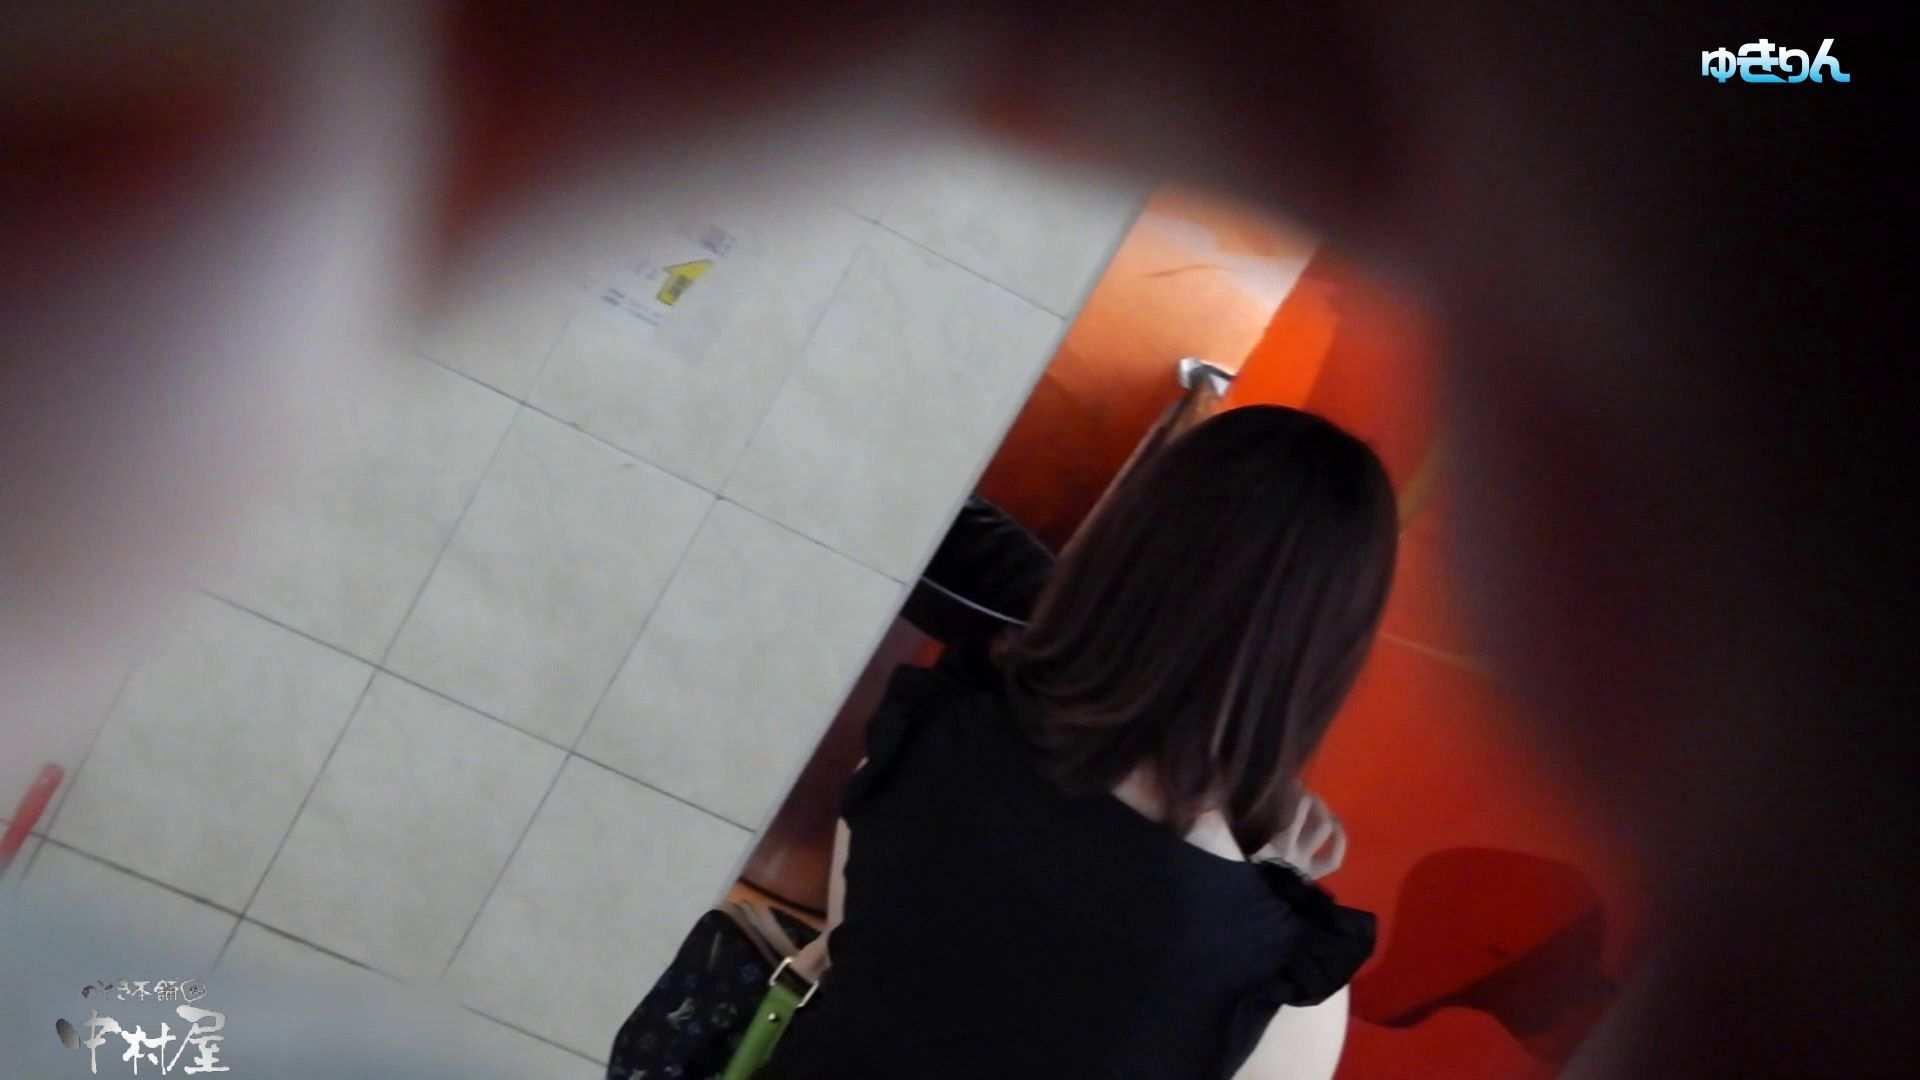 世界の射窓から~ステーション編 vol60 ユキリン粘着撮り!!今回はタイトなパンツが似合う美女 美女まとめ   0  113PIX 29